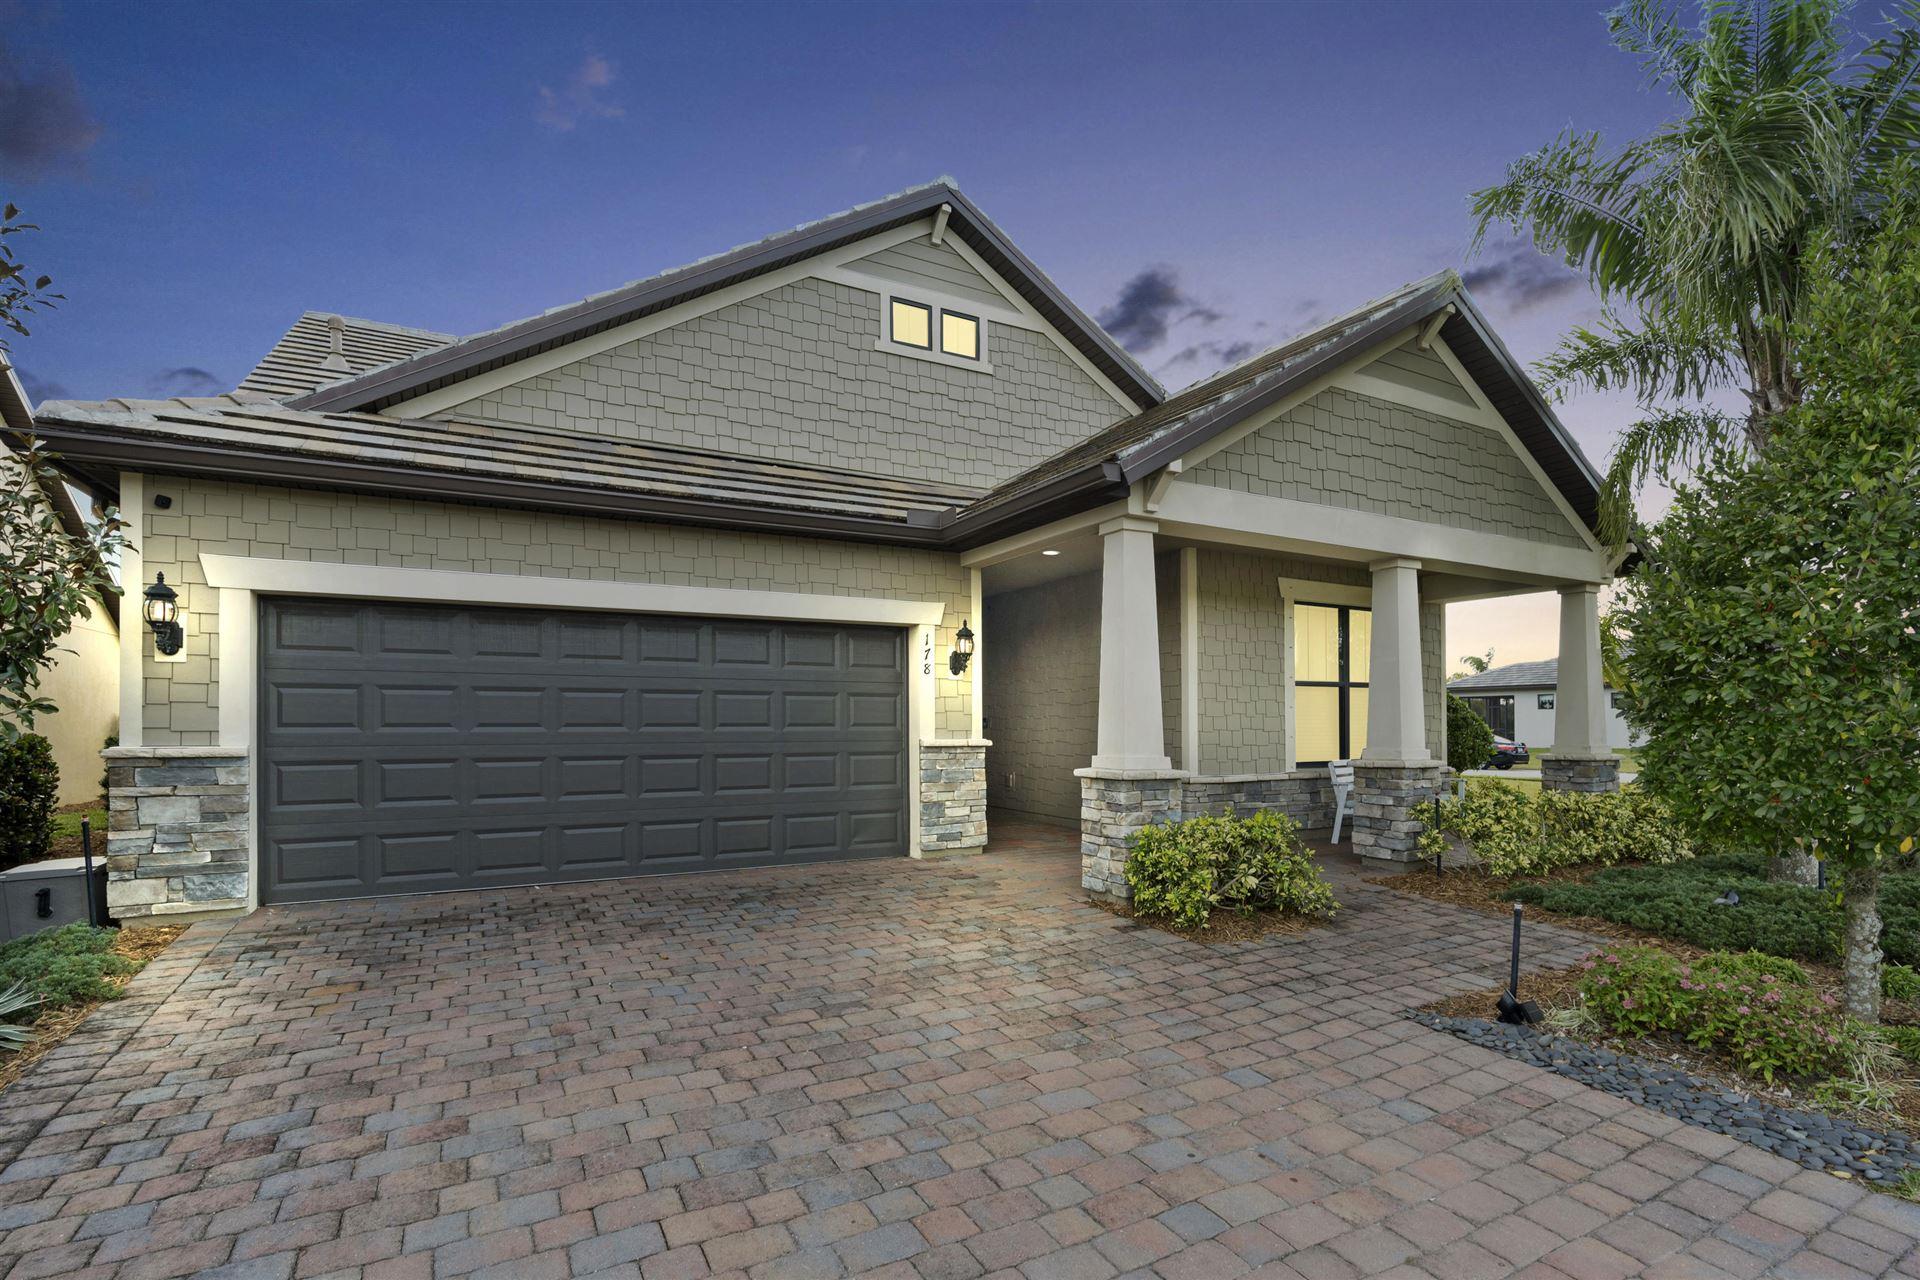 178 SE Courances Drive, Port Saint Lucie, FL 34984 - #: RX-10683103